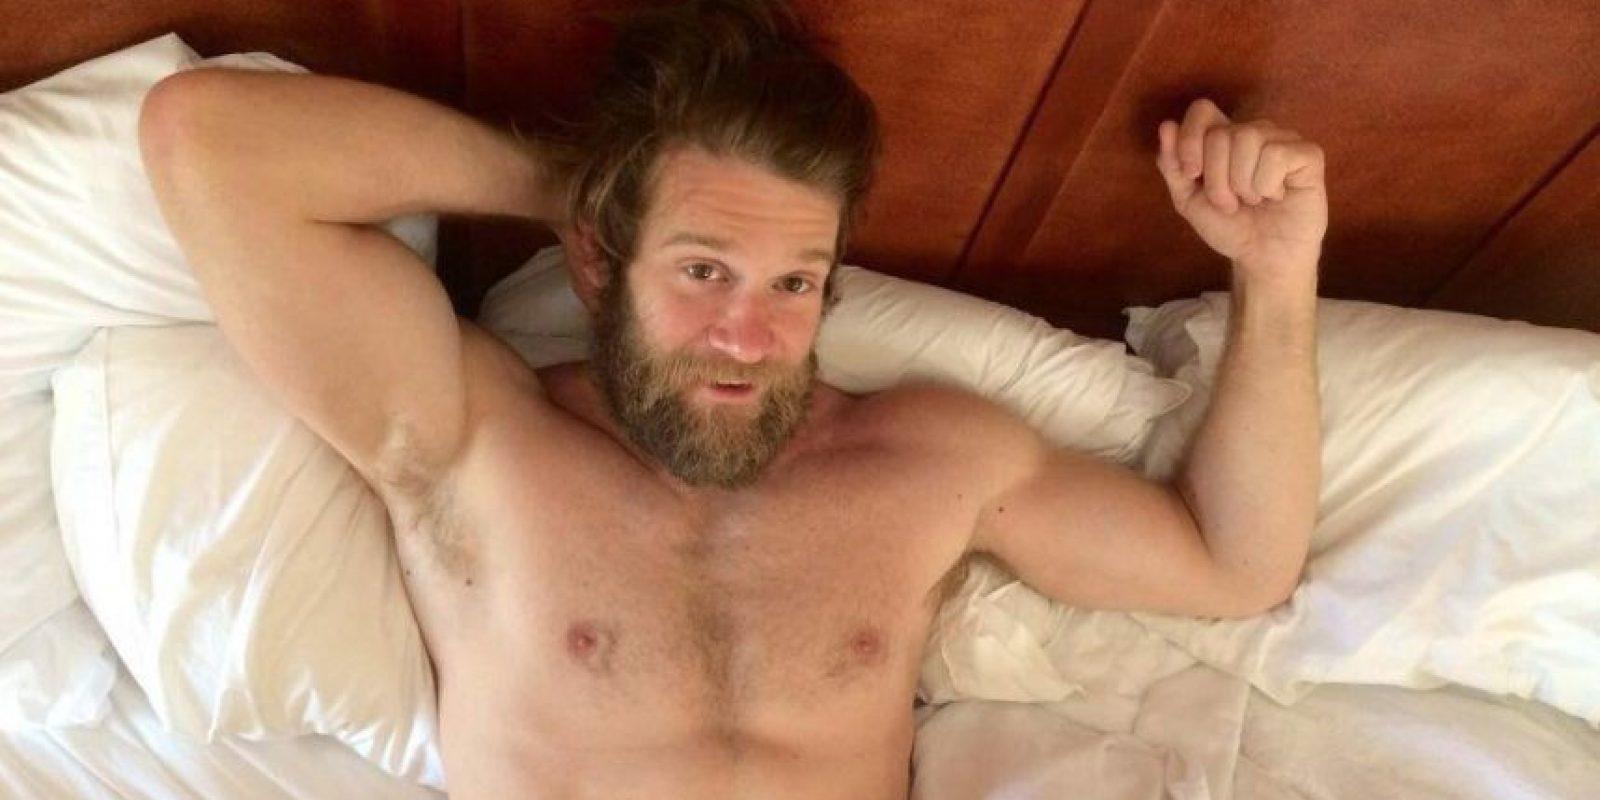 El actor porno busca realizar nuevos proyectos artísticos junto con personajes del mismo ambiente cultural en Estados Unidos. Foto:facebook.com/bigshoediaries